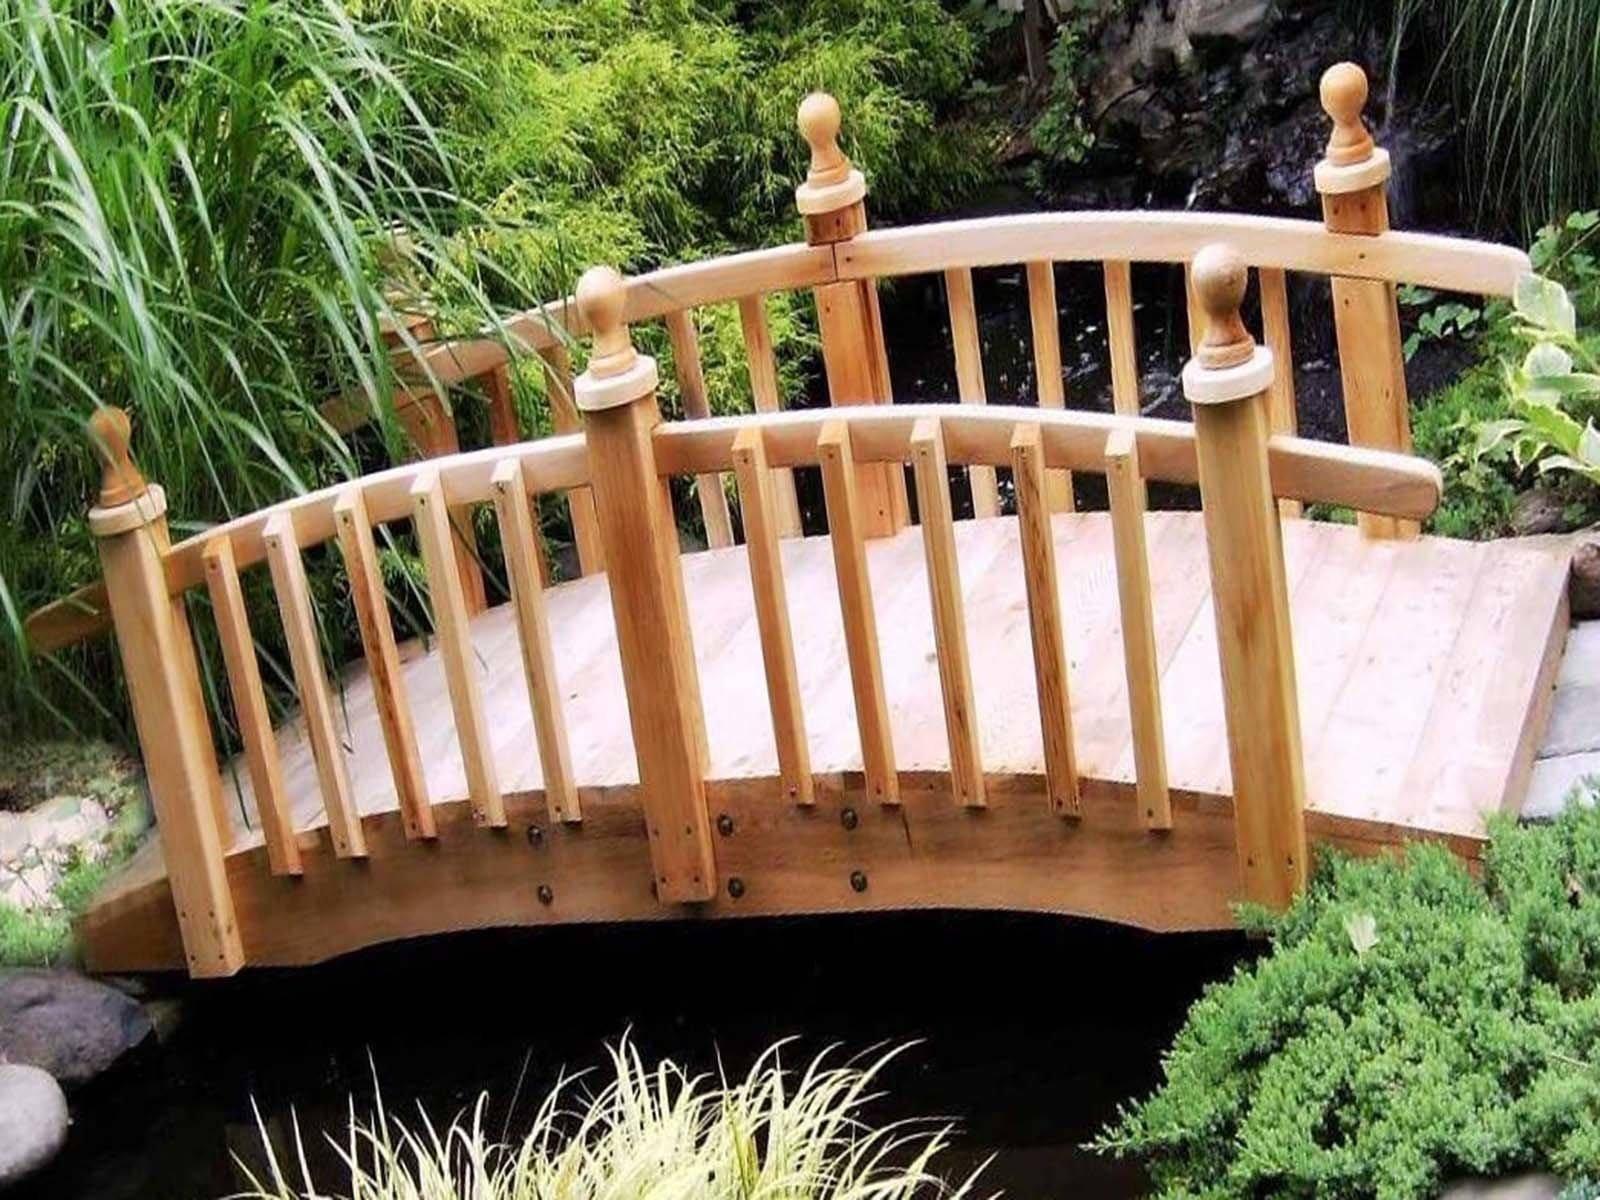 Искусственный ручей на даче своими руками: фото, как сделать декоративный объект с движущейся водой